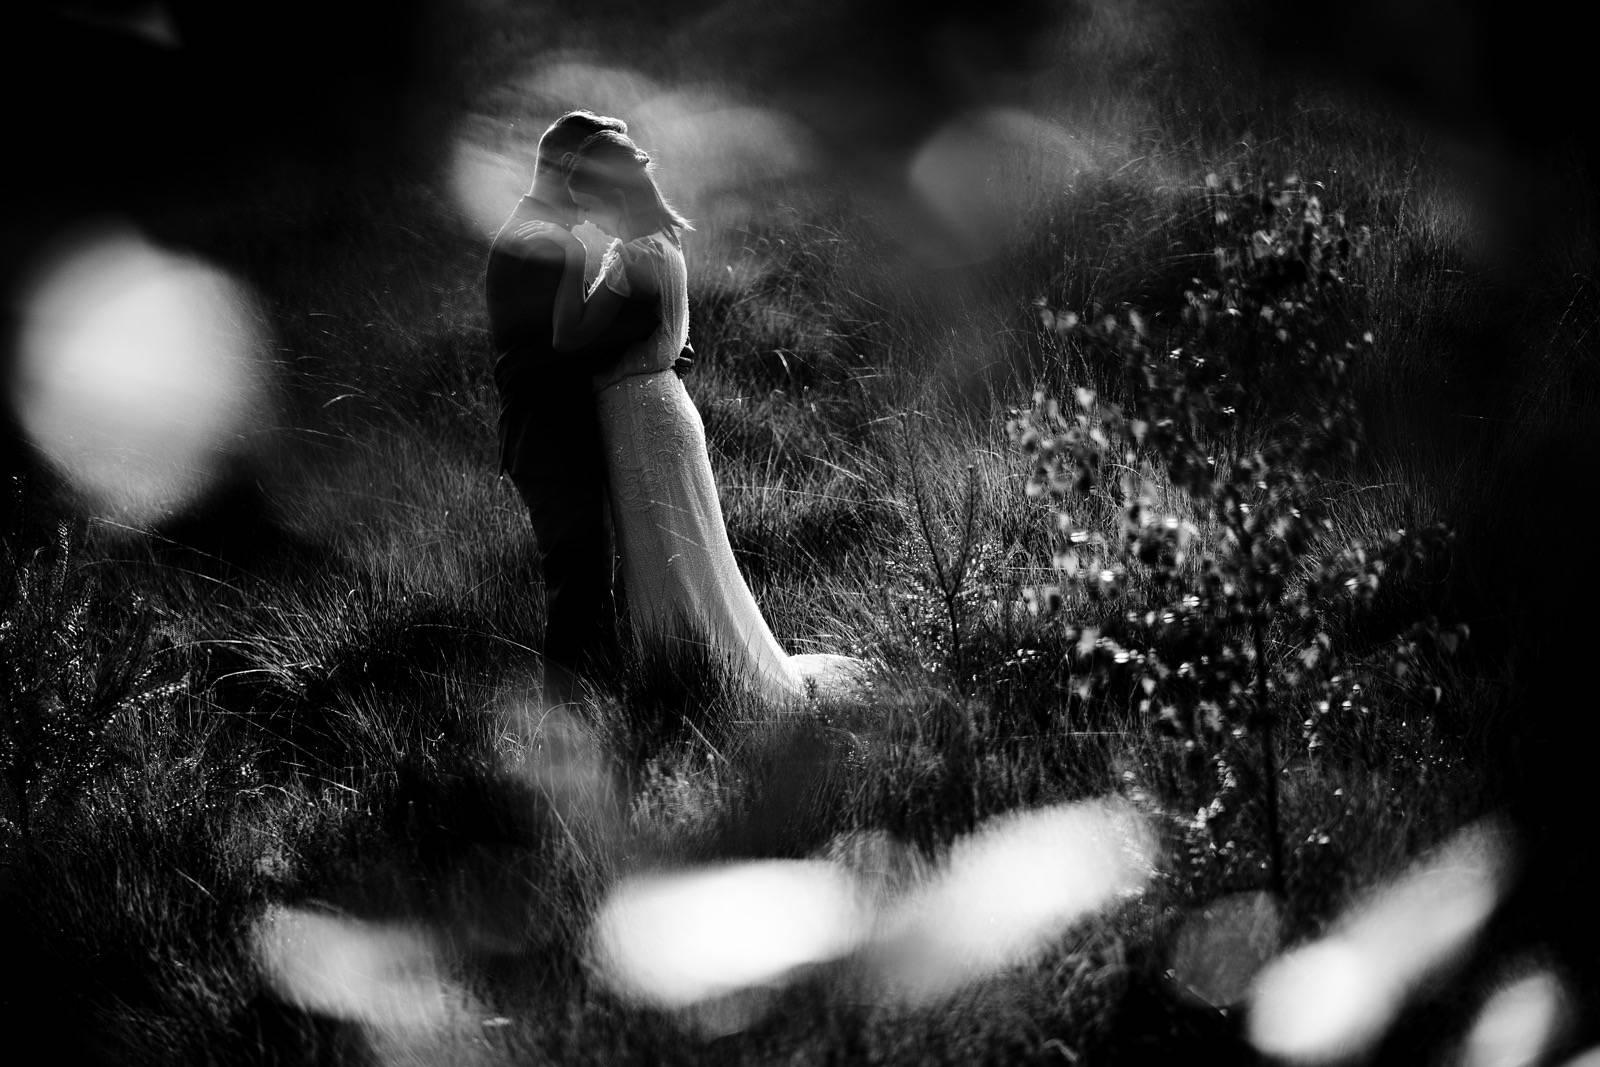 Yves Schepers Photography - Fotograaf - Huwelijksfotograaf - Trouwfotograaf - Bruidsfotograaf - House of Weddings - 20